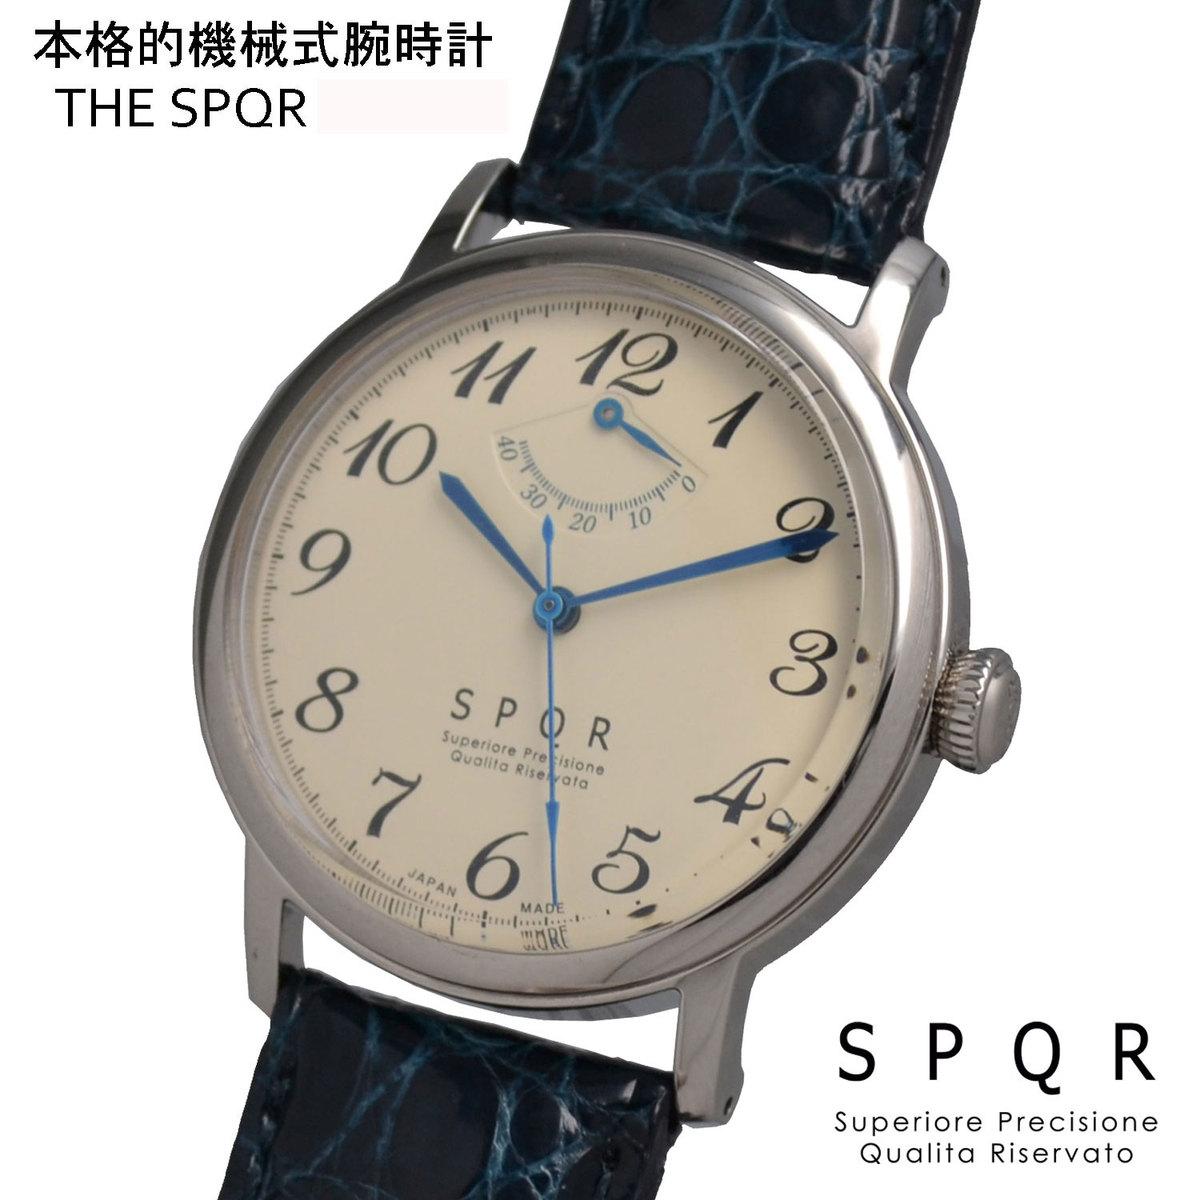 THE SPQR 手巻パワーリザーブ(アイボリー)×最高級グレーシングクロコダイルバンド 手巻き ウォッチ 日本製 国産時計